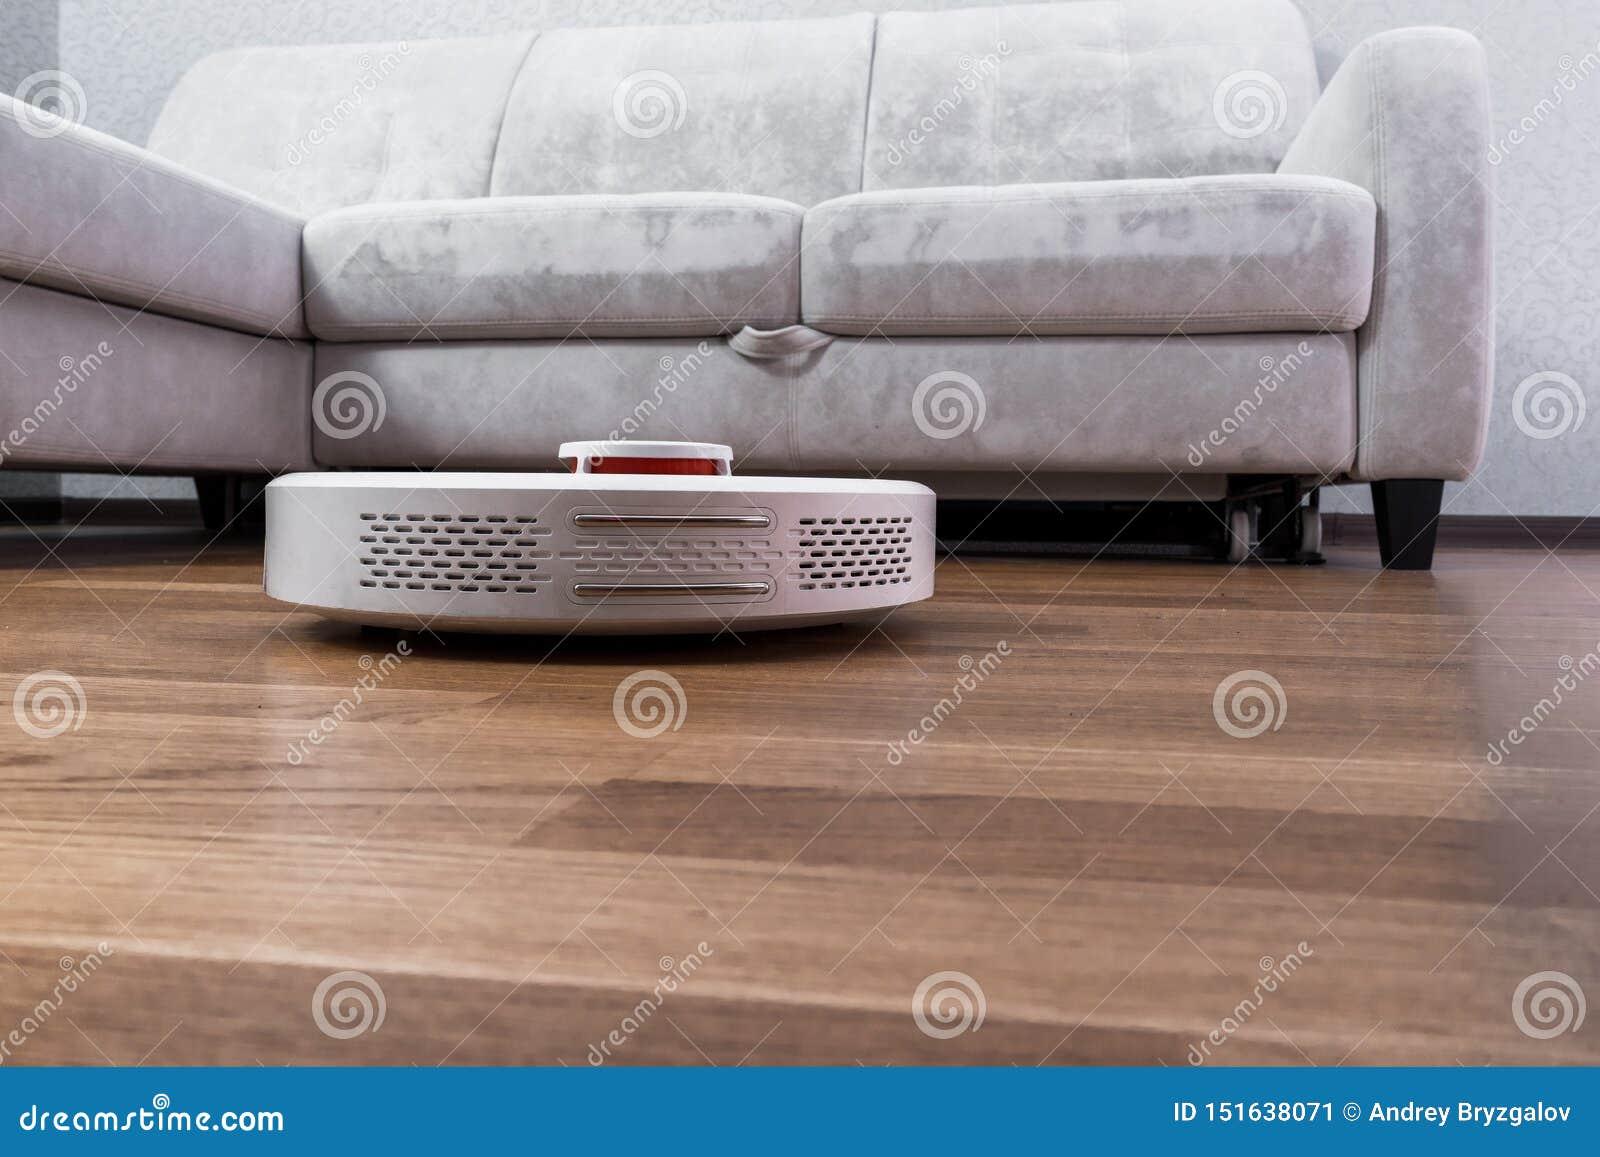 Weißes Roboterstaubsauger läuft auf der Laminatboden Nahaufnahme Der Roboter wird durch Sprachsteuerungen f?r direkte Reinigung g